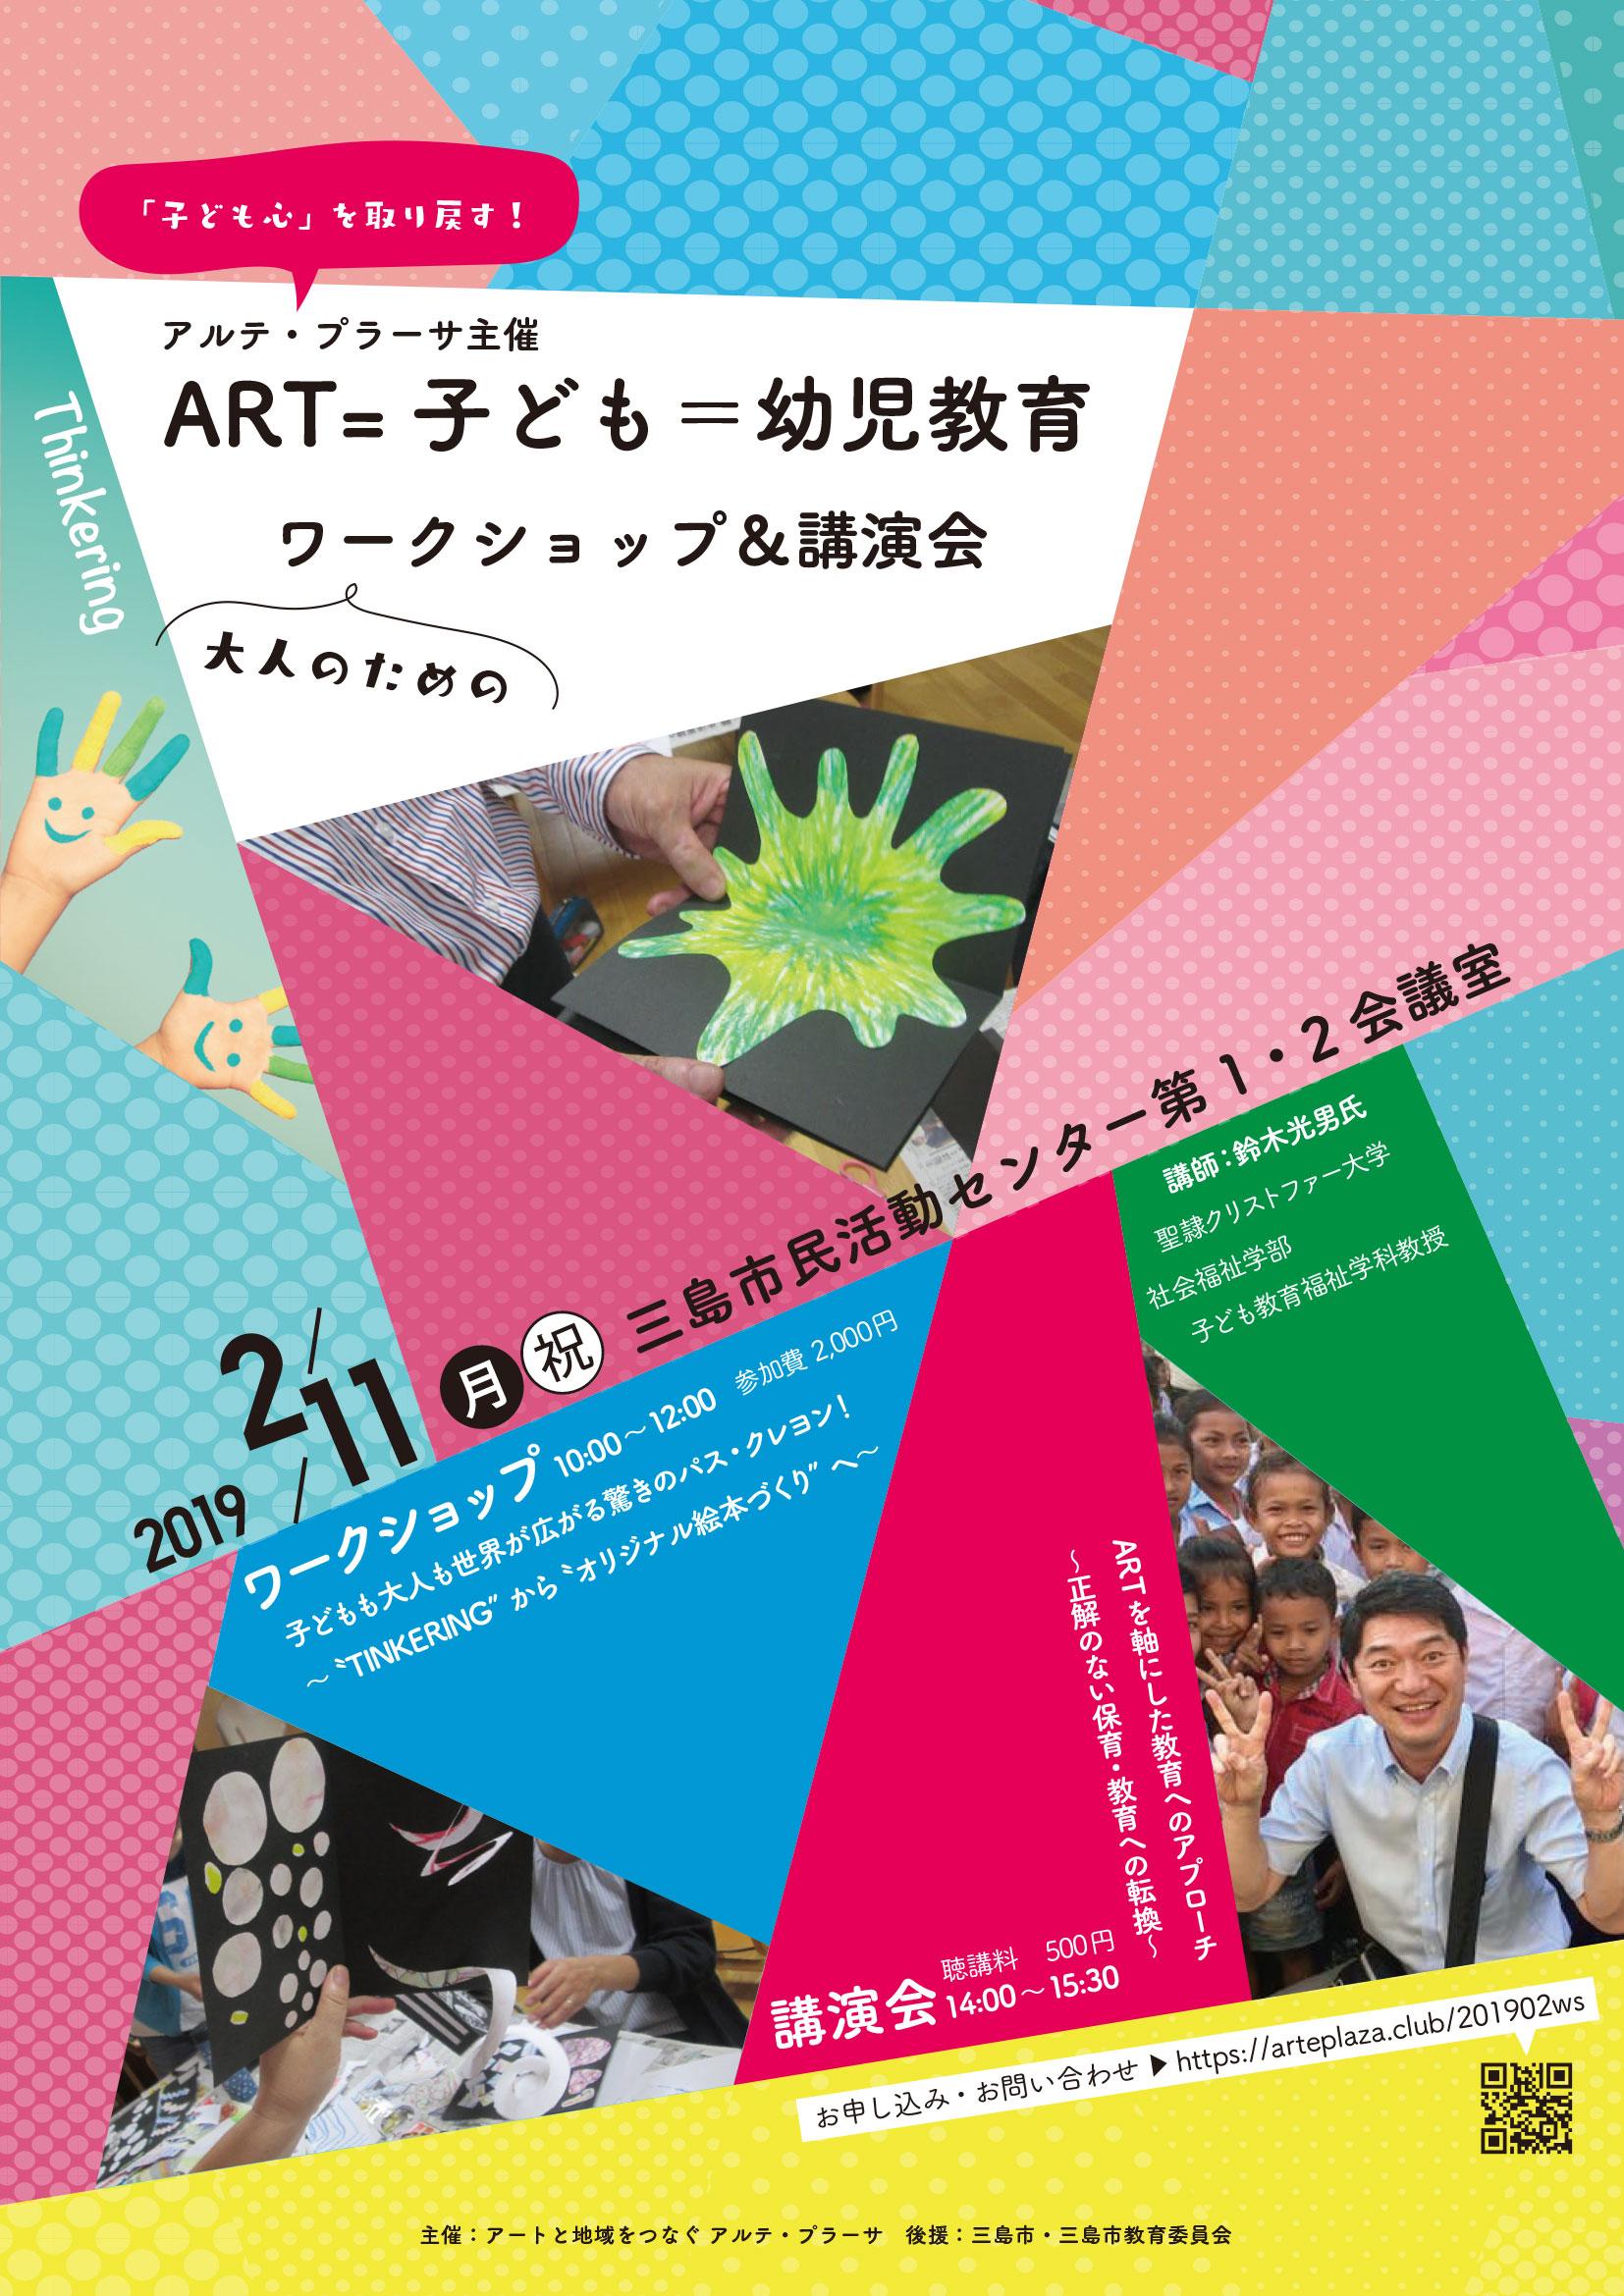 「ART=子ども=幼児教育 大人のためのワークショップ&講演~」